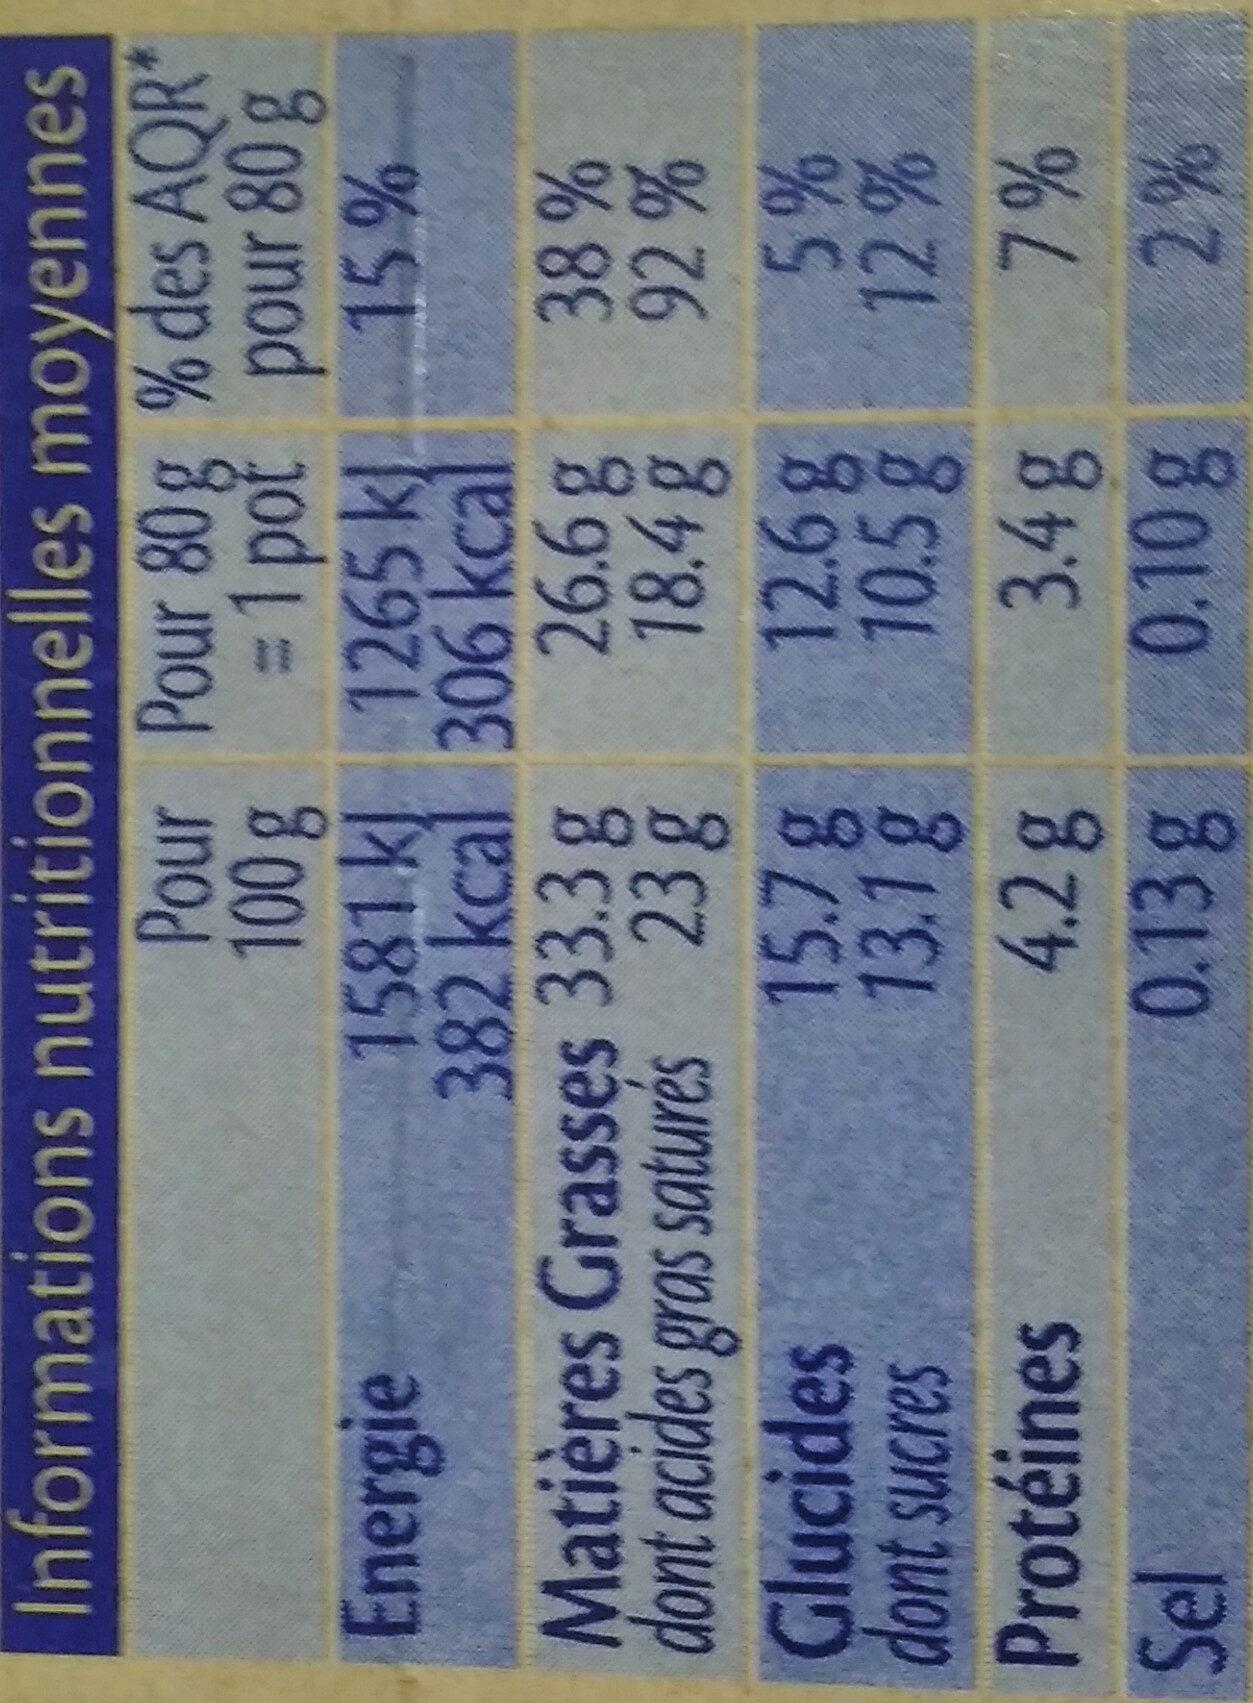 Mousse au cafe sur ganache Café - Informations nutritionnelles